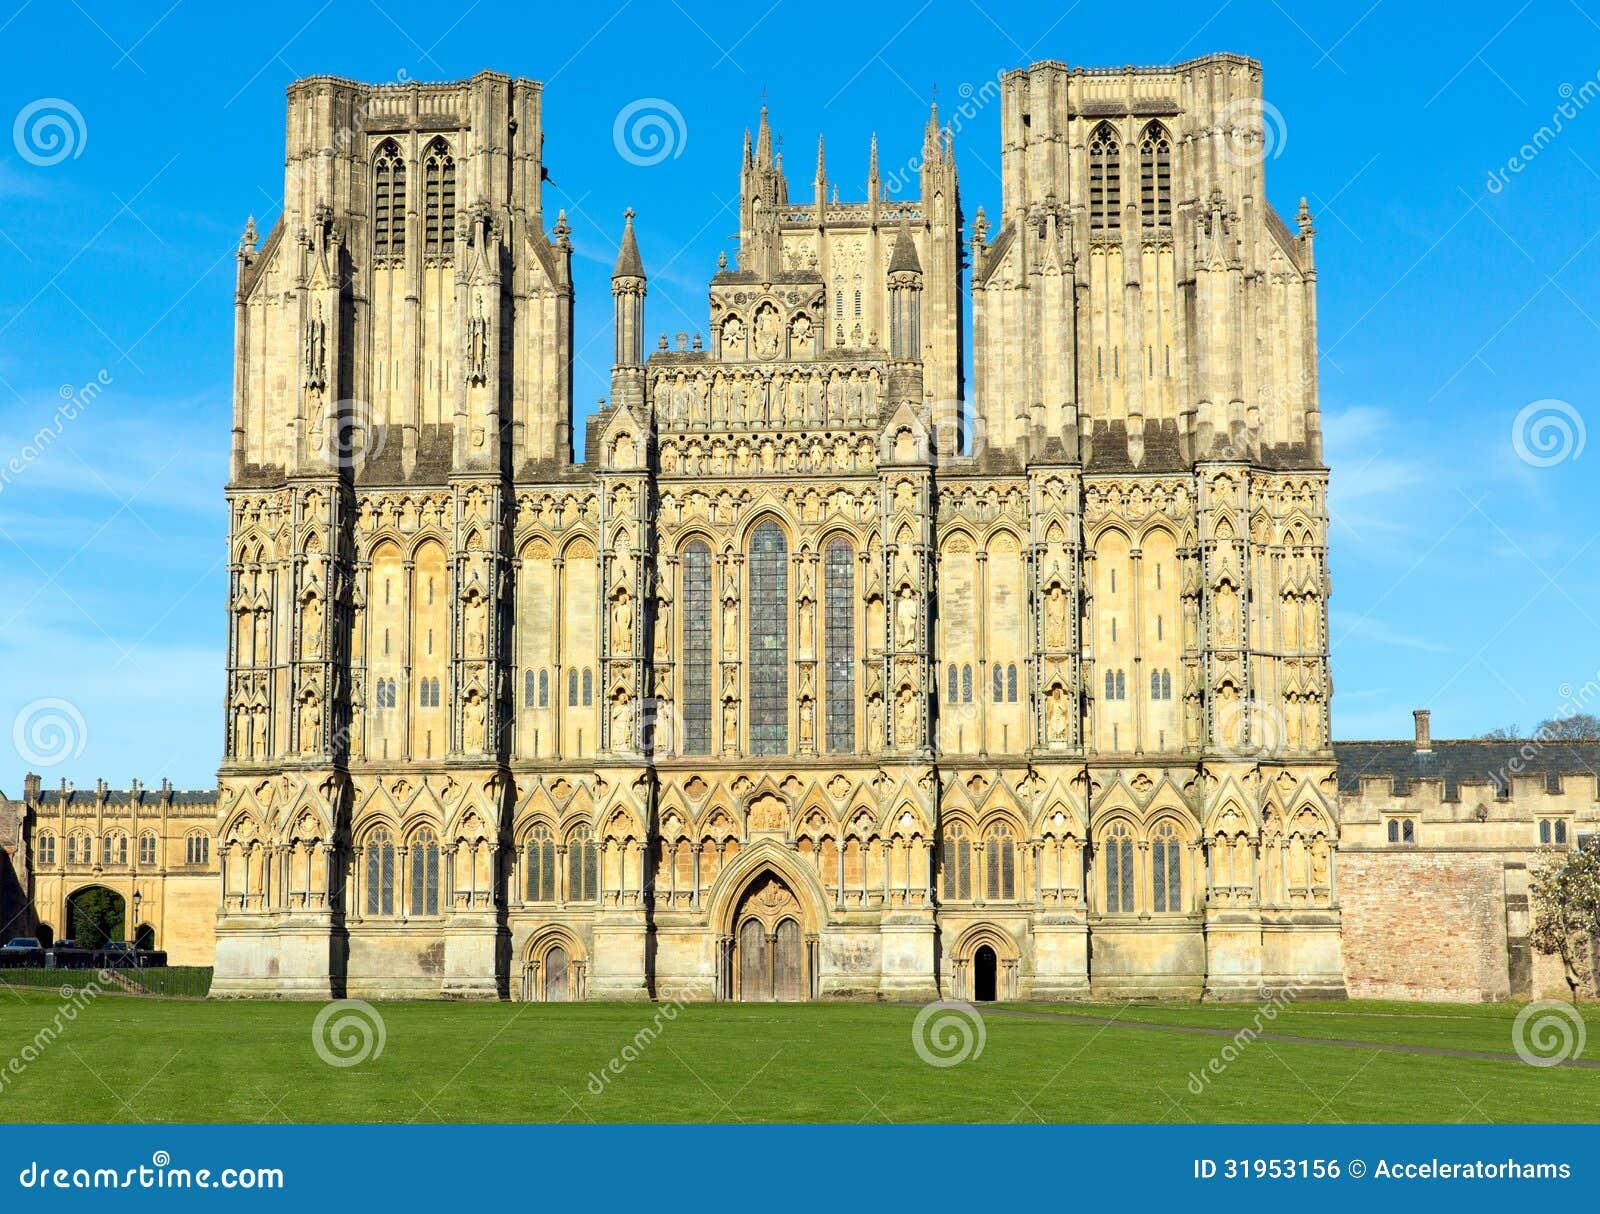 Baños Romanos En Inglaterra: de archivo libre de regalías: Catedral Somerset, Inglaterra de Wells